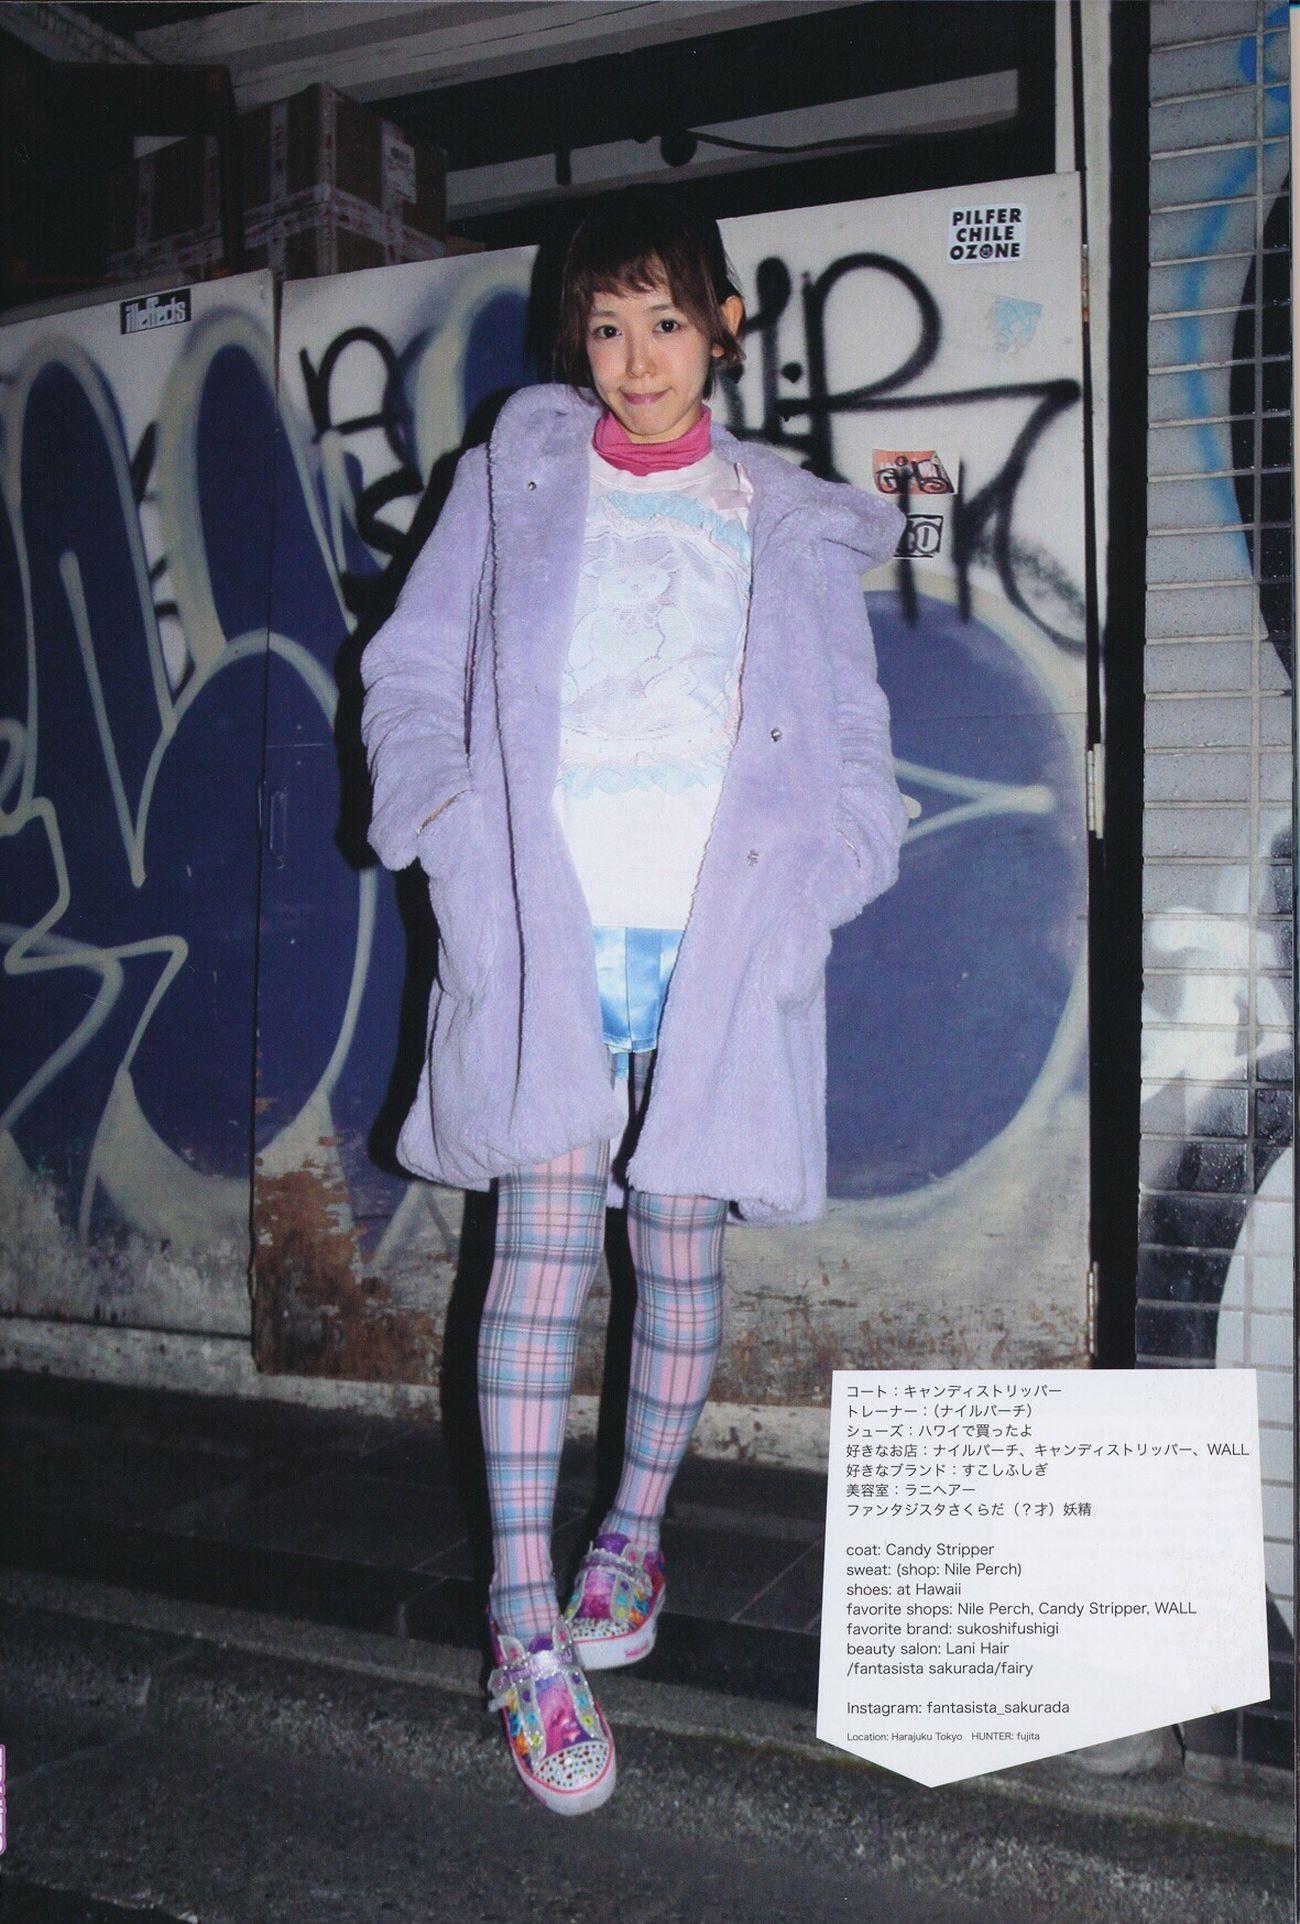 Fruits magazine スナップでCeleste Stein プリントタイツ着用されました。 パステルのタータンはレアでオシャレ感がありますが残念ながら完売😖 www.pocoapocotokyo.com/cstein.html #ぽこあぽこ #タイツ #tights #shibuya109 ぽこあぽこ タイツ Tights Shibuya109 Pocoapoco Celestestein セレステステイン